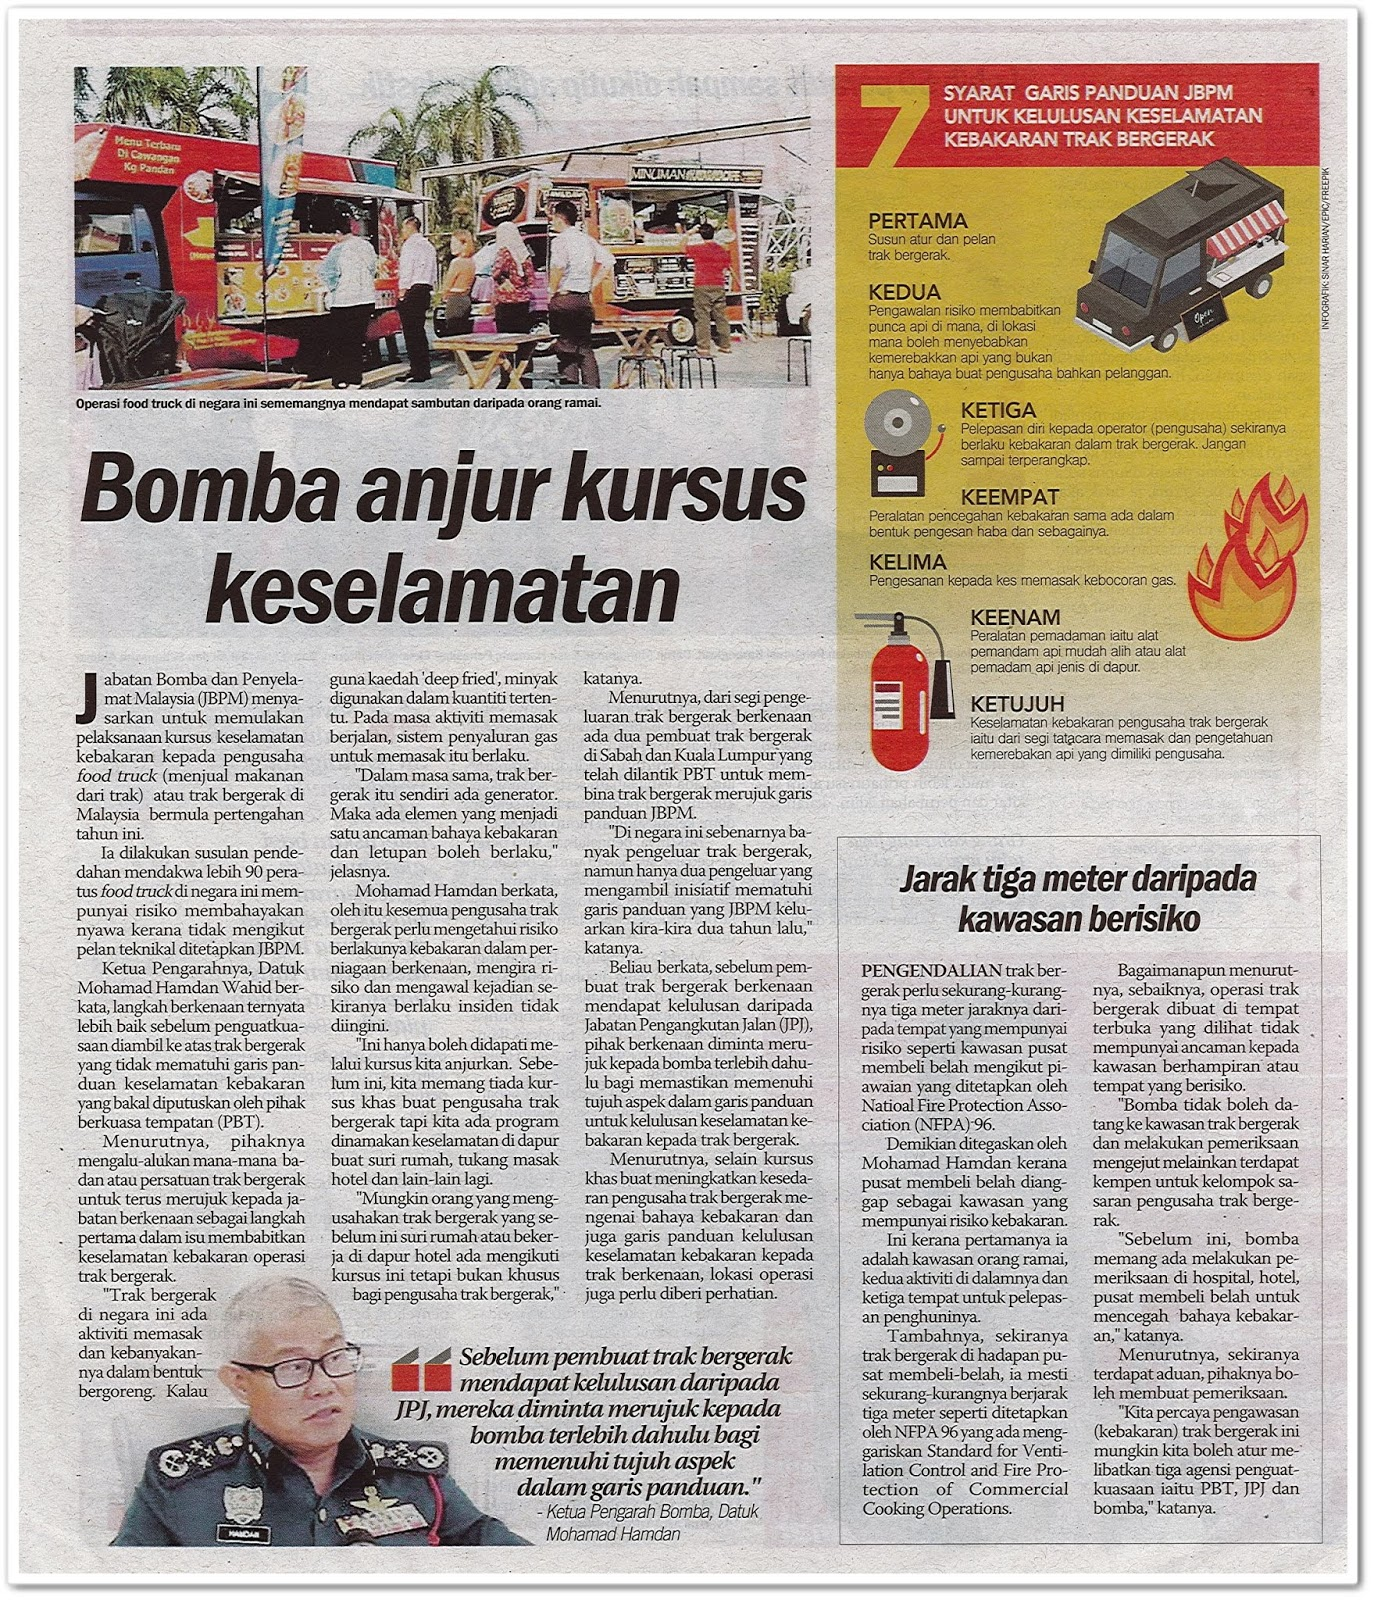 Bomba anjur kursus keselamatan - Keratan akhbar Sinar Harian 5 Mac 2019